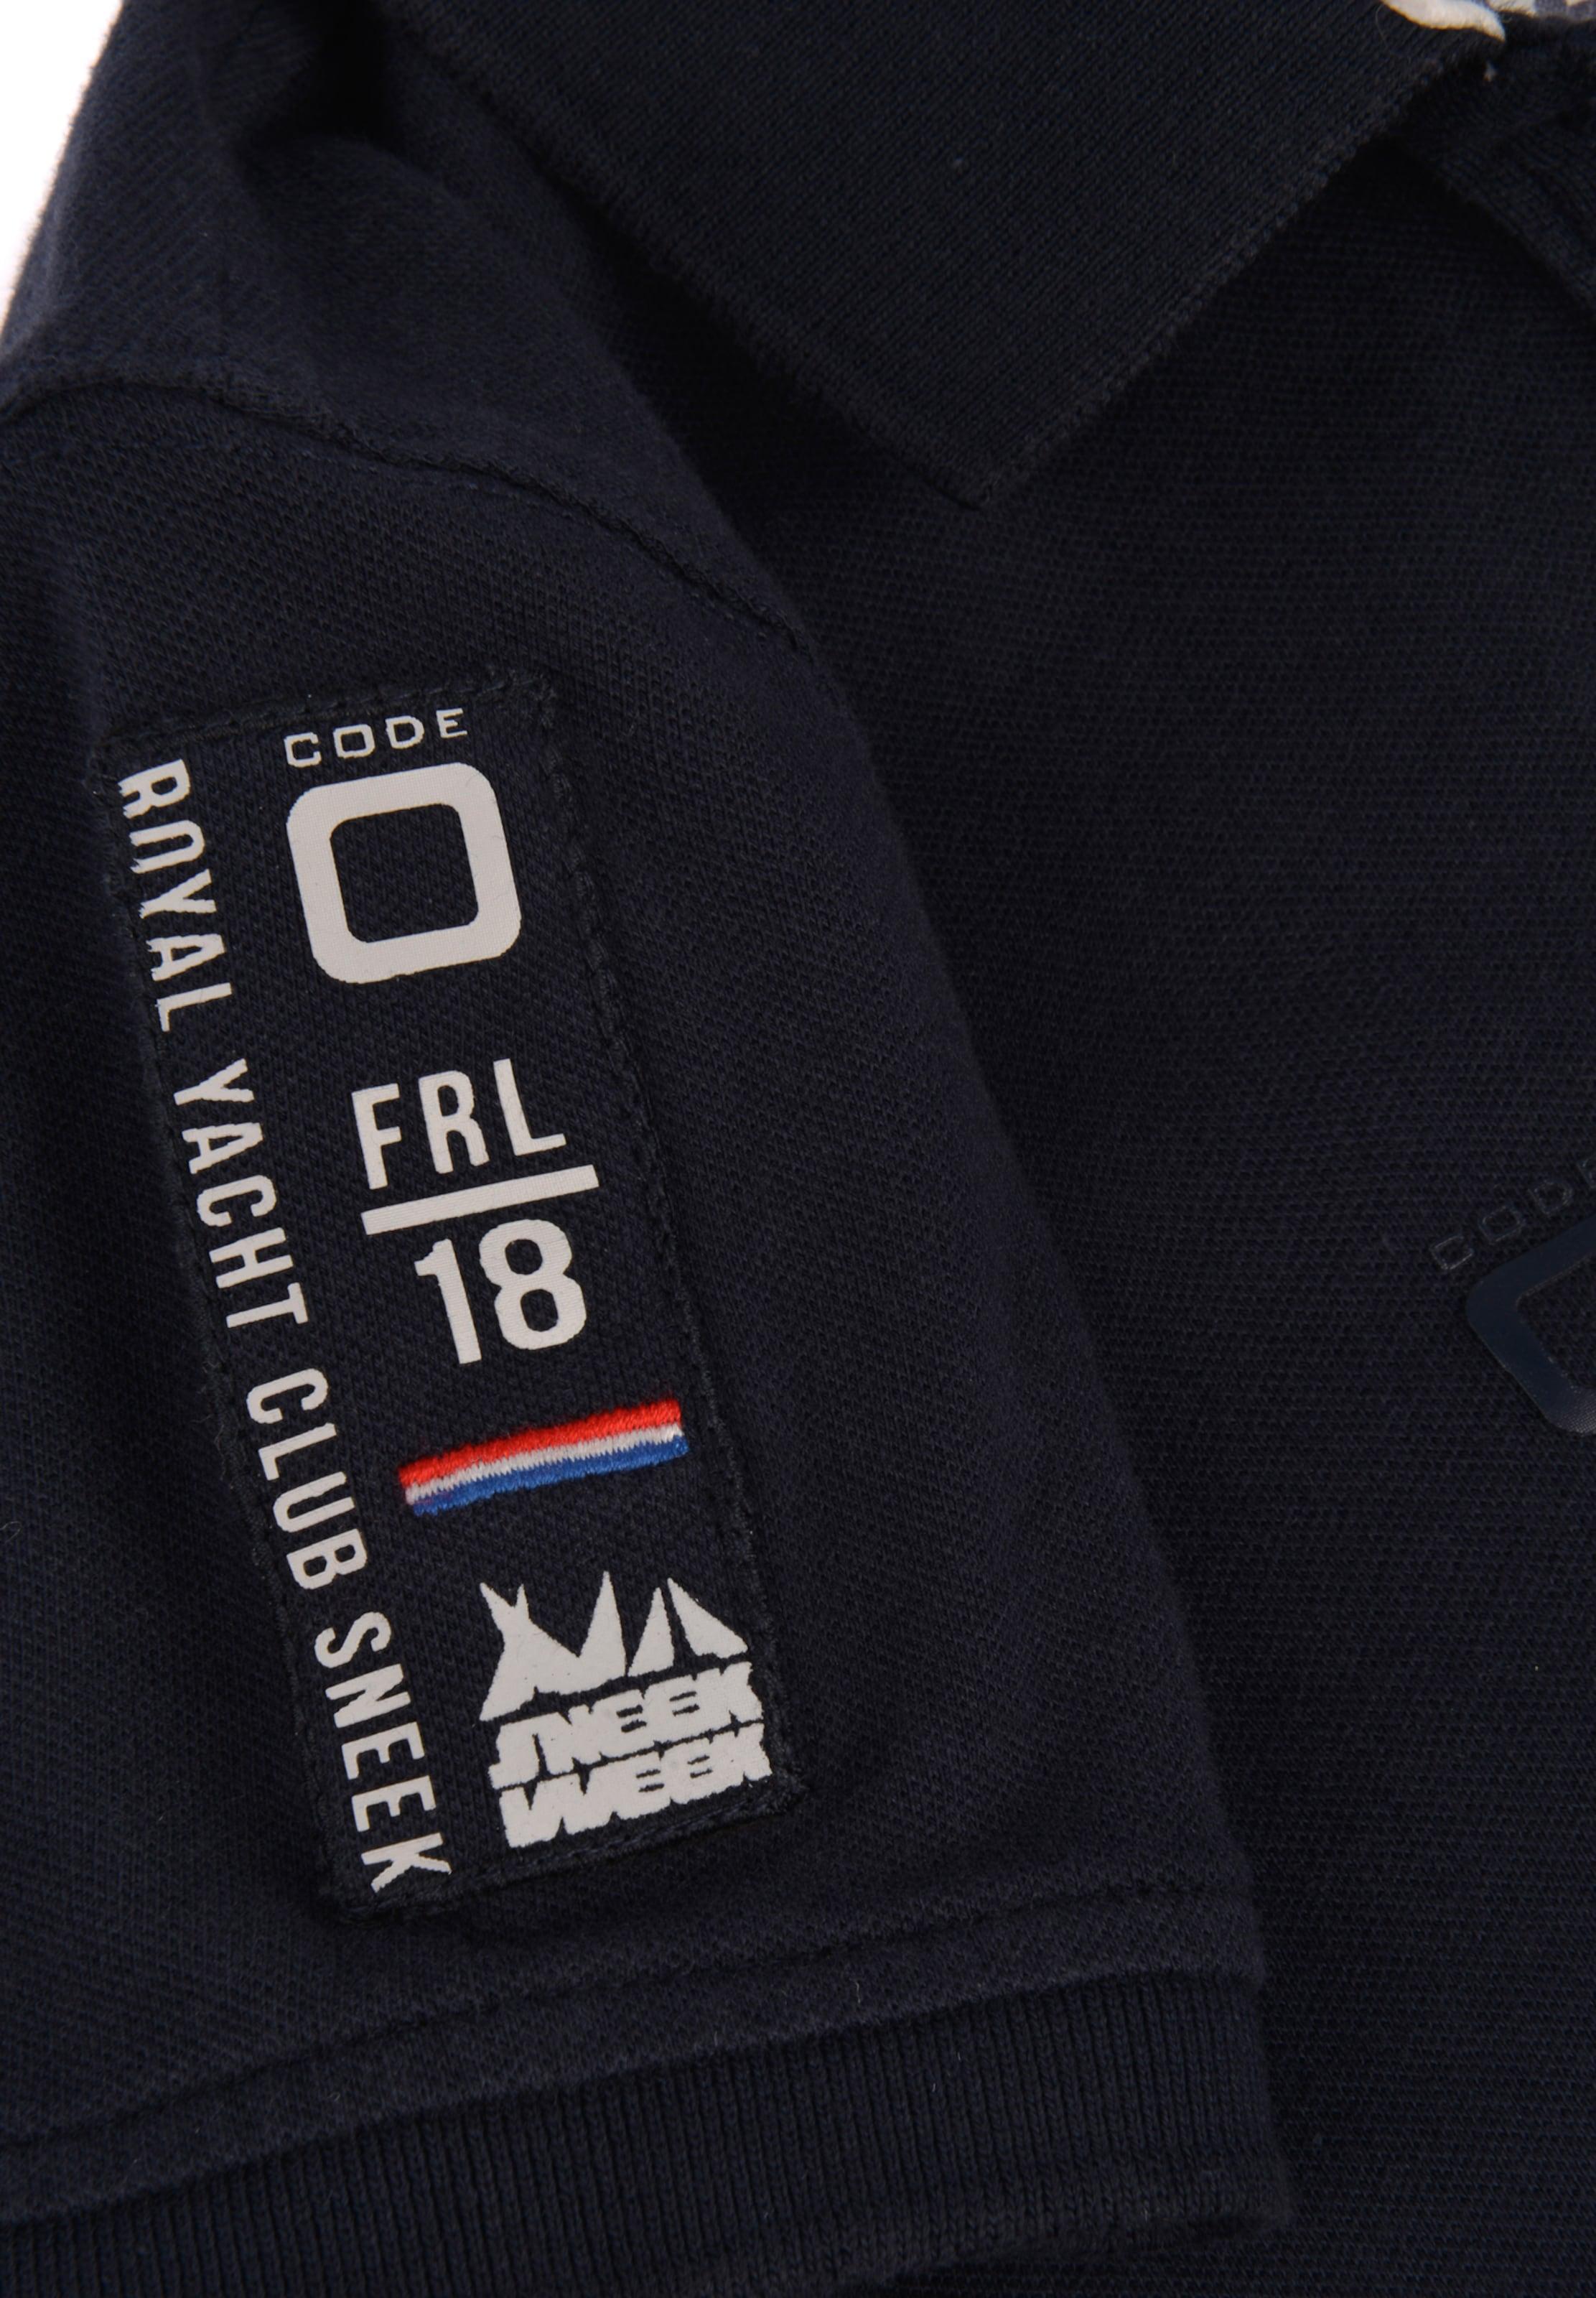 zero In Poloshirt Kobaltblau Code Polo' 'sneekweek 0mwvN8n